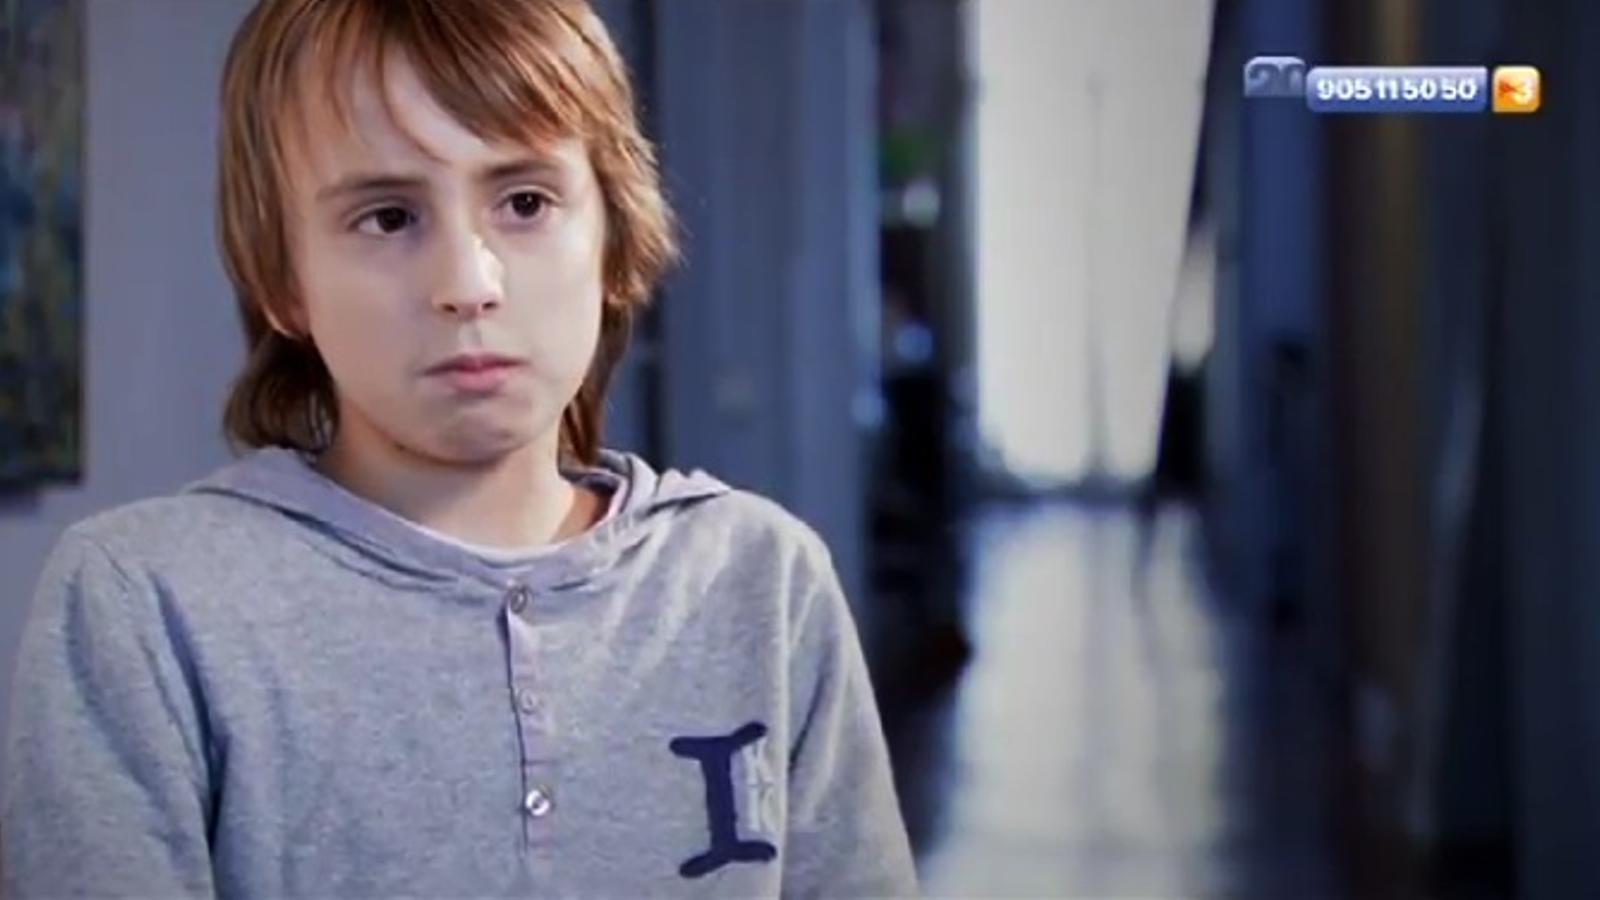 El Mateo Ibarra, de 12 anys, explica que va pensar que li tallarien una cama